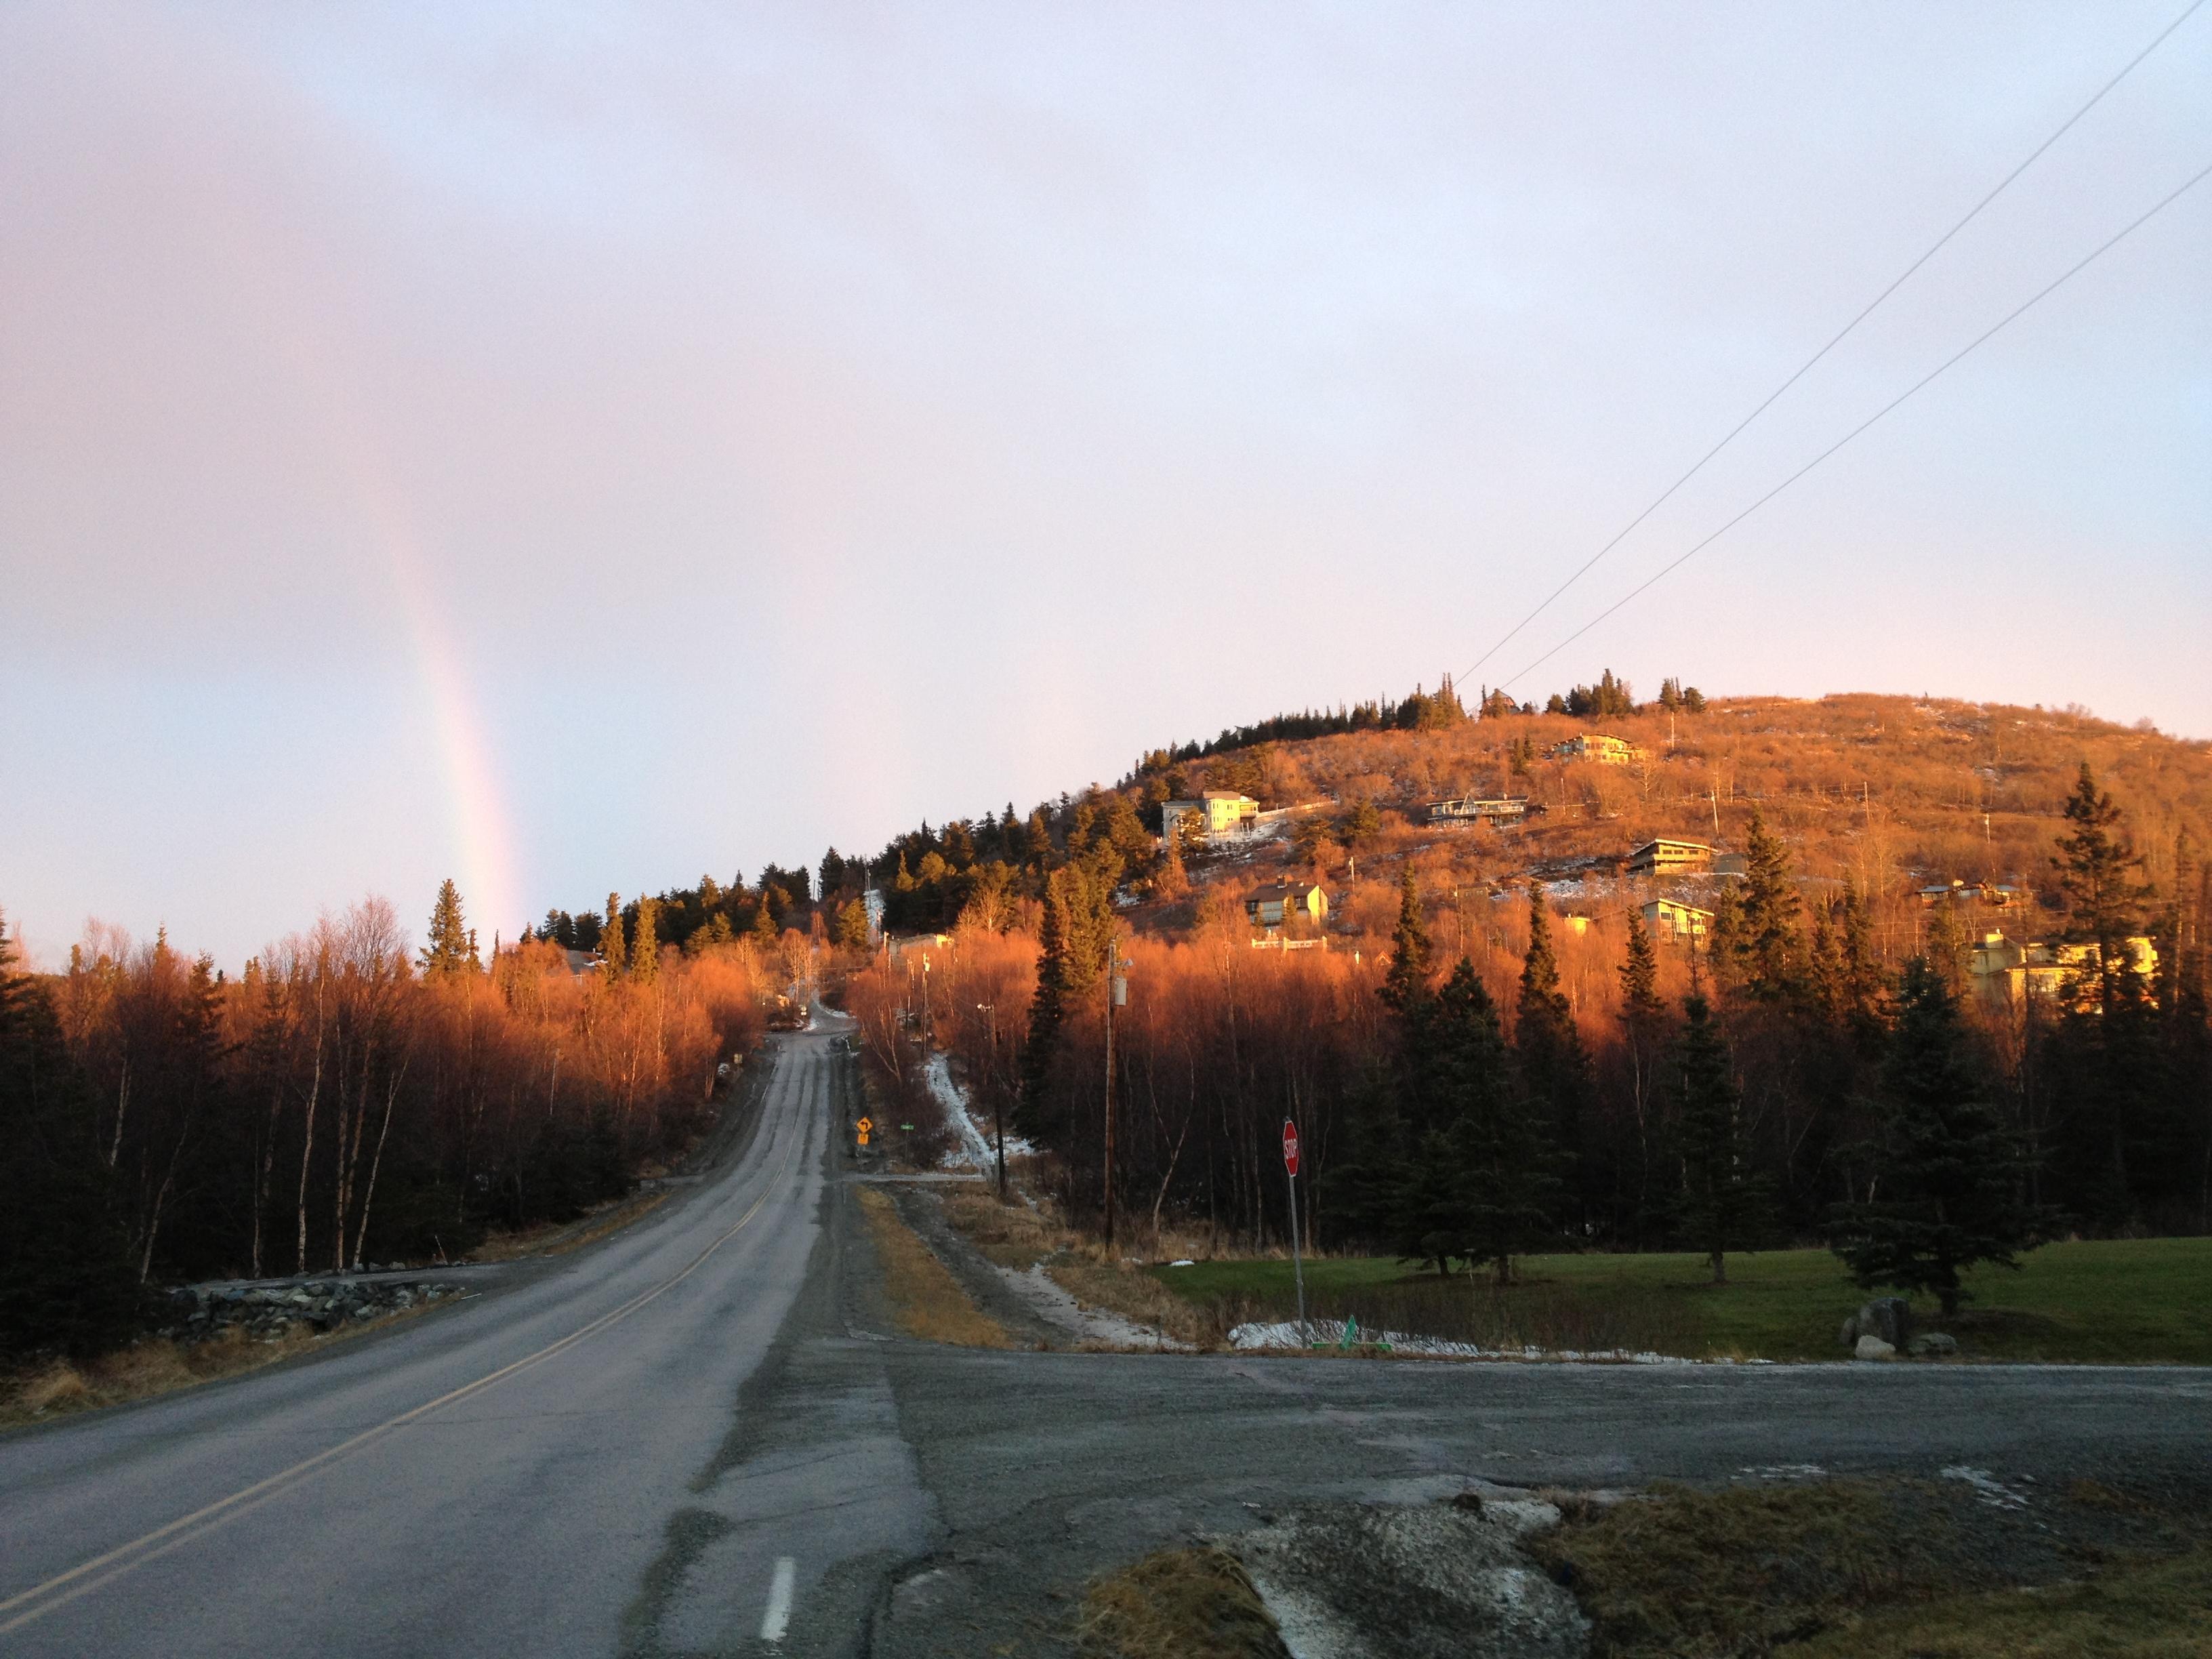 Glen-Alps Rainbow